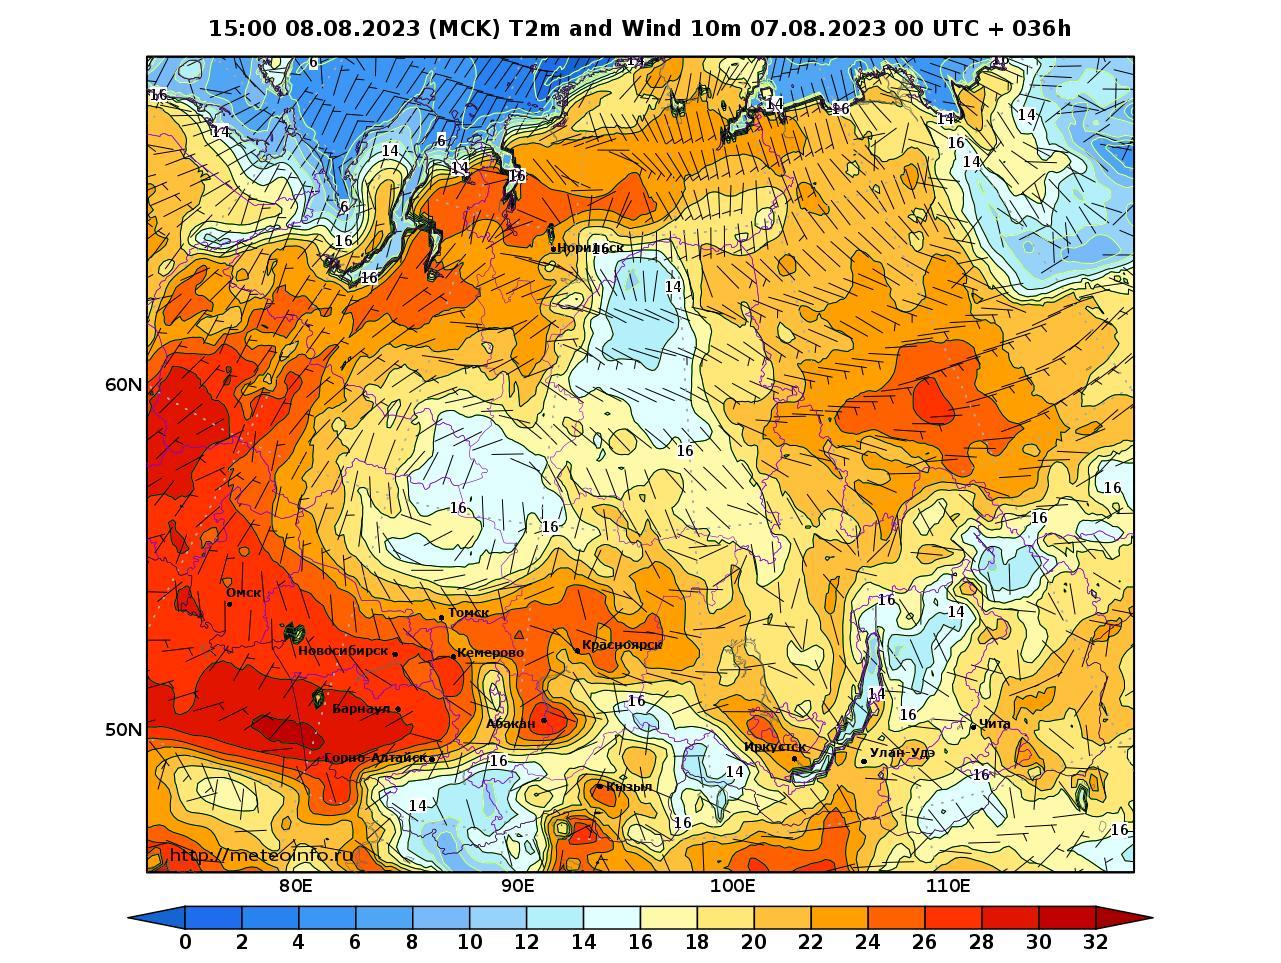 Сибирский Федеральный округ, прогностическая карта приземная температура, заблаговременность прогноза 36 часов